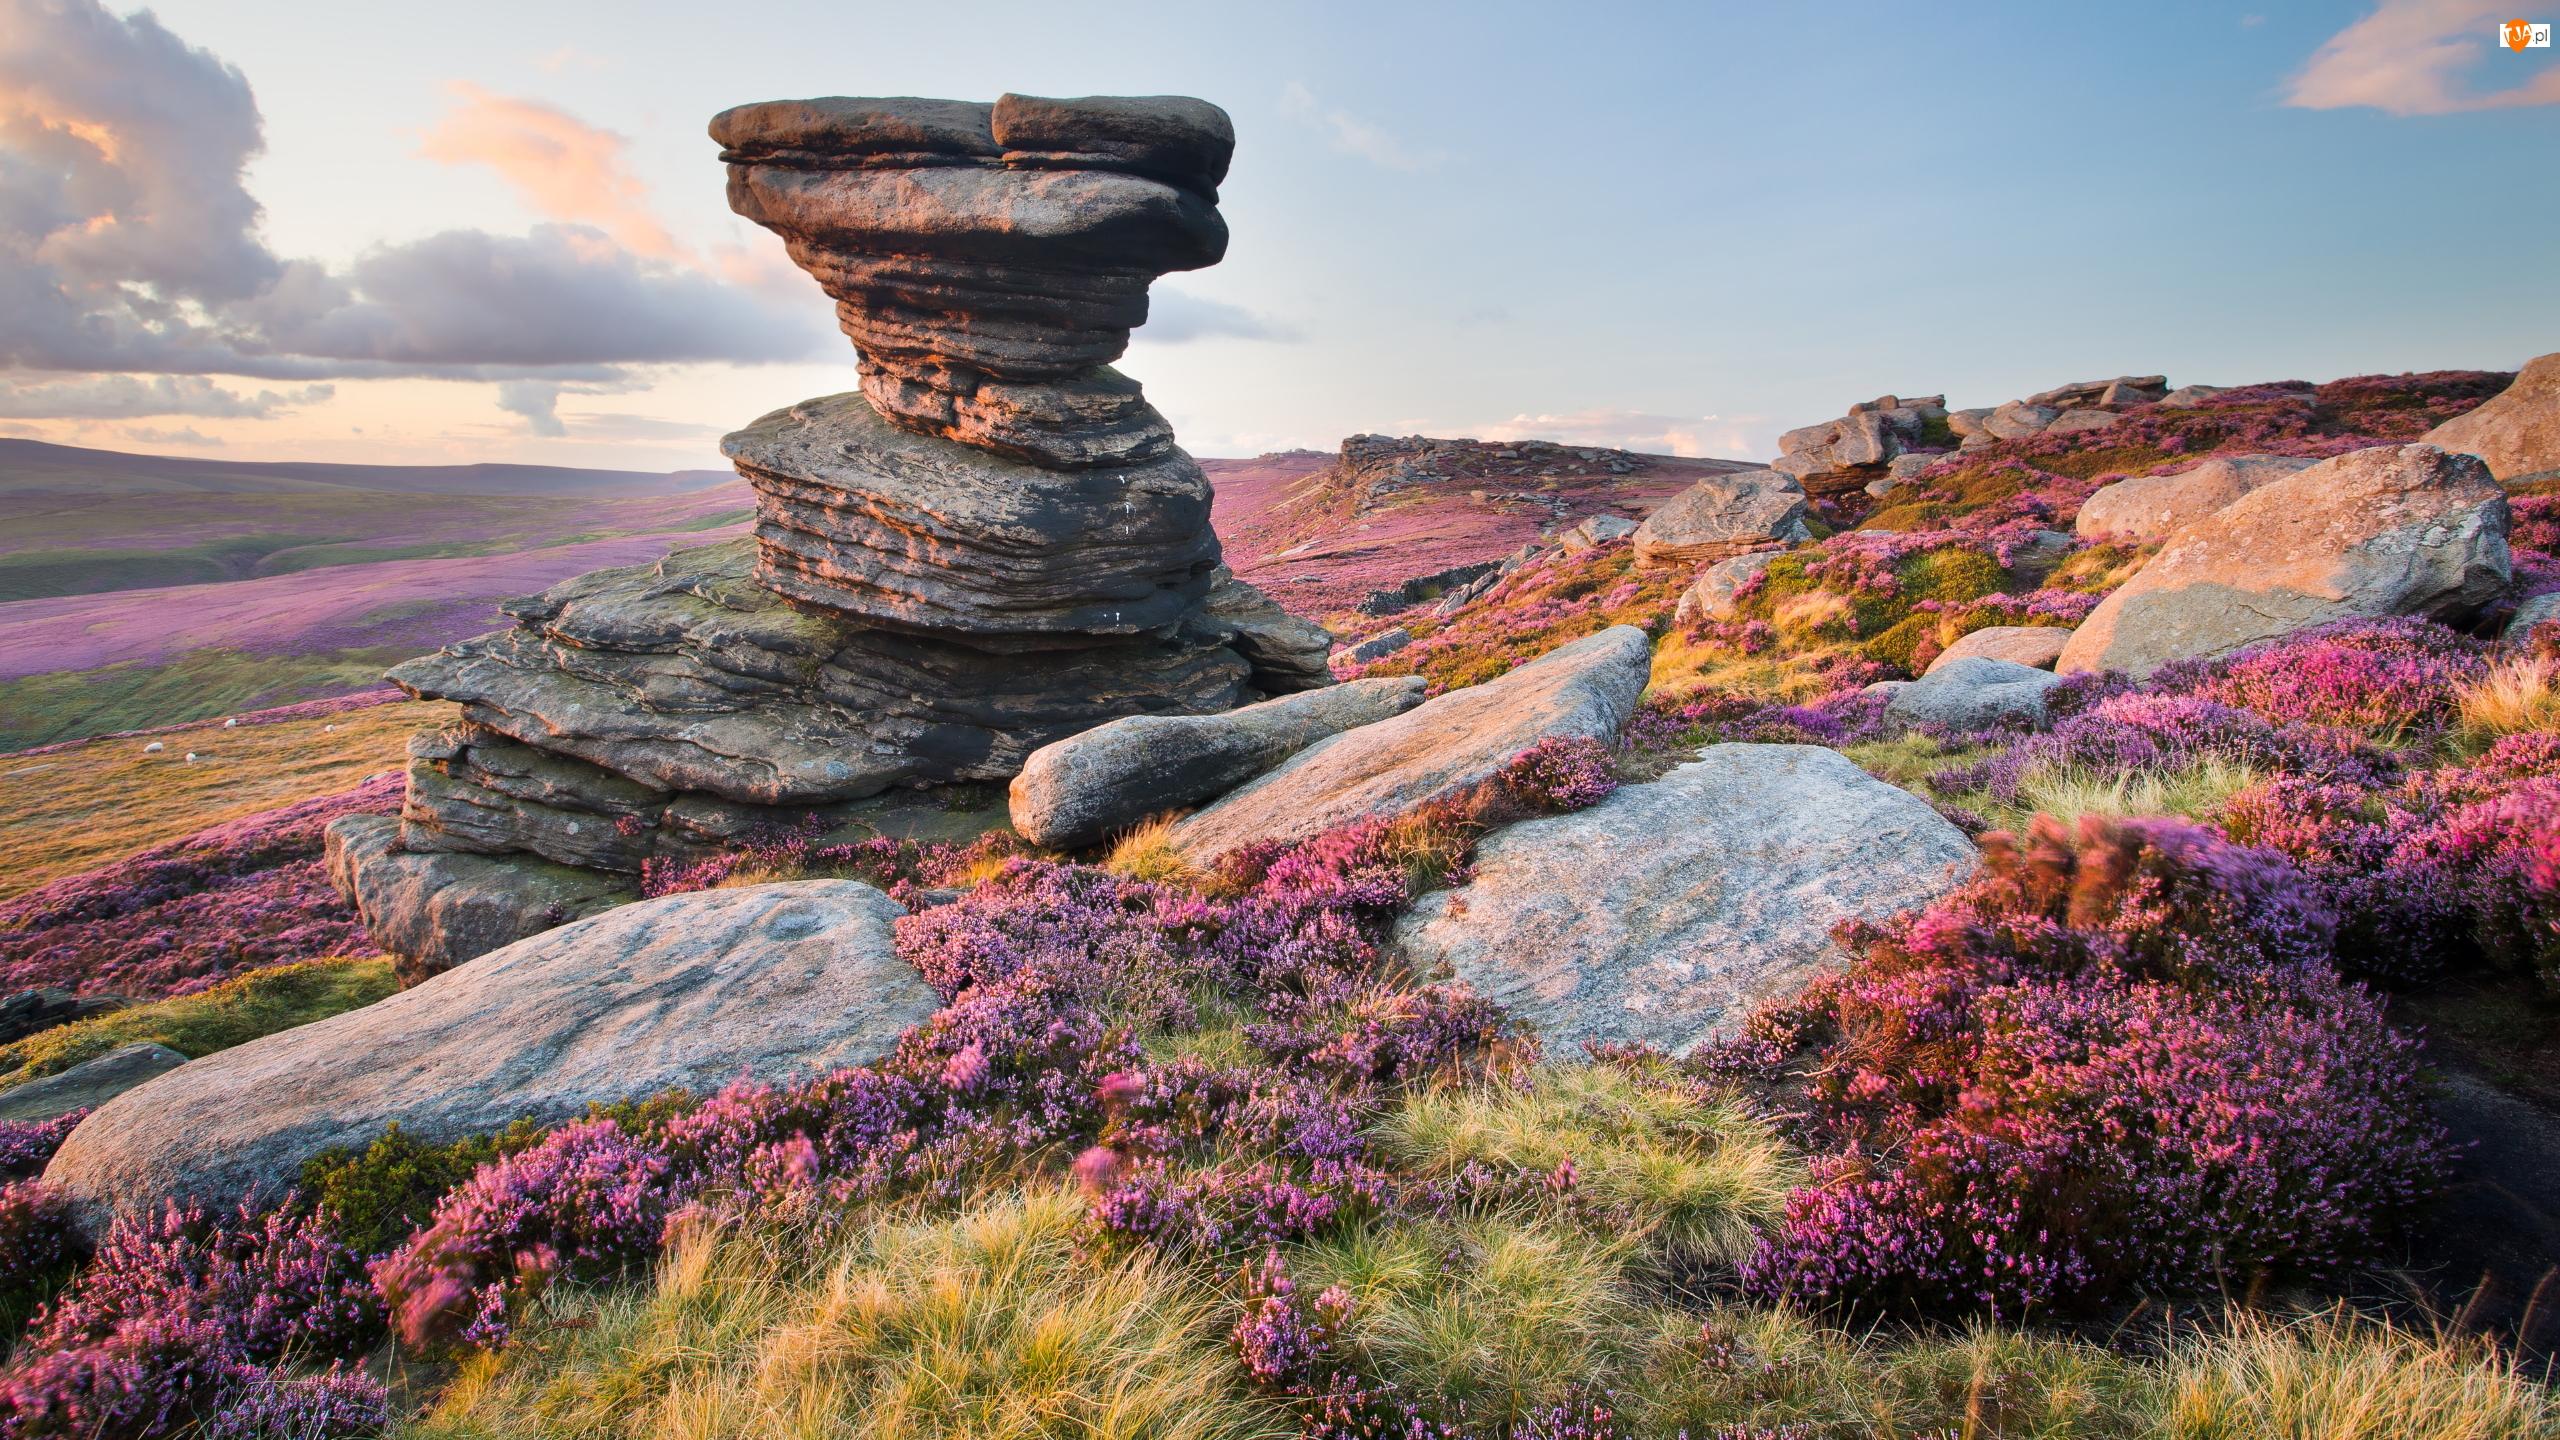 Formacja skalna Salt Cellar, Wrzosowisko, Kamienie, Hrabstwo Derbyshire, Wzgórze, Park Narodowy Peak District, Anglia, Skały